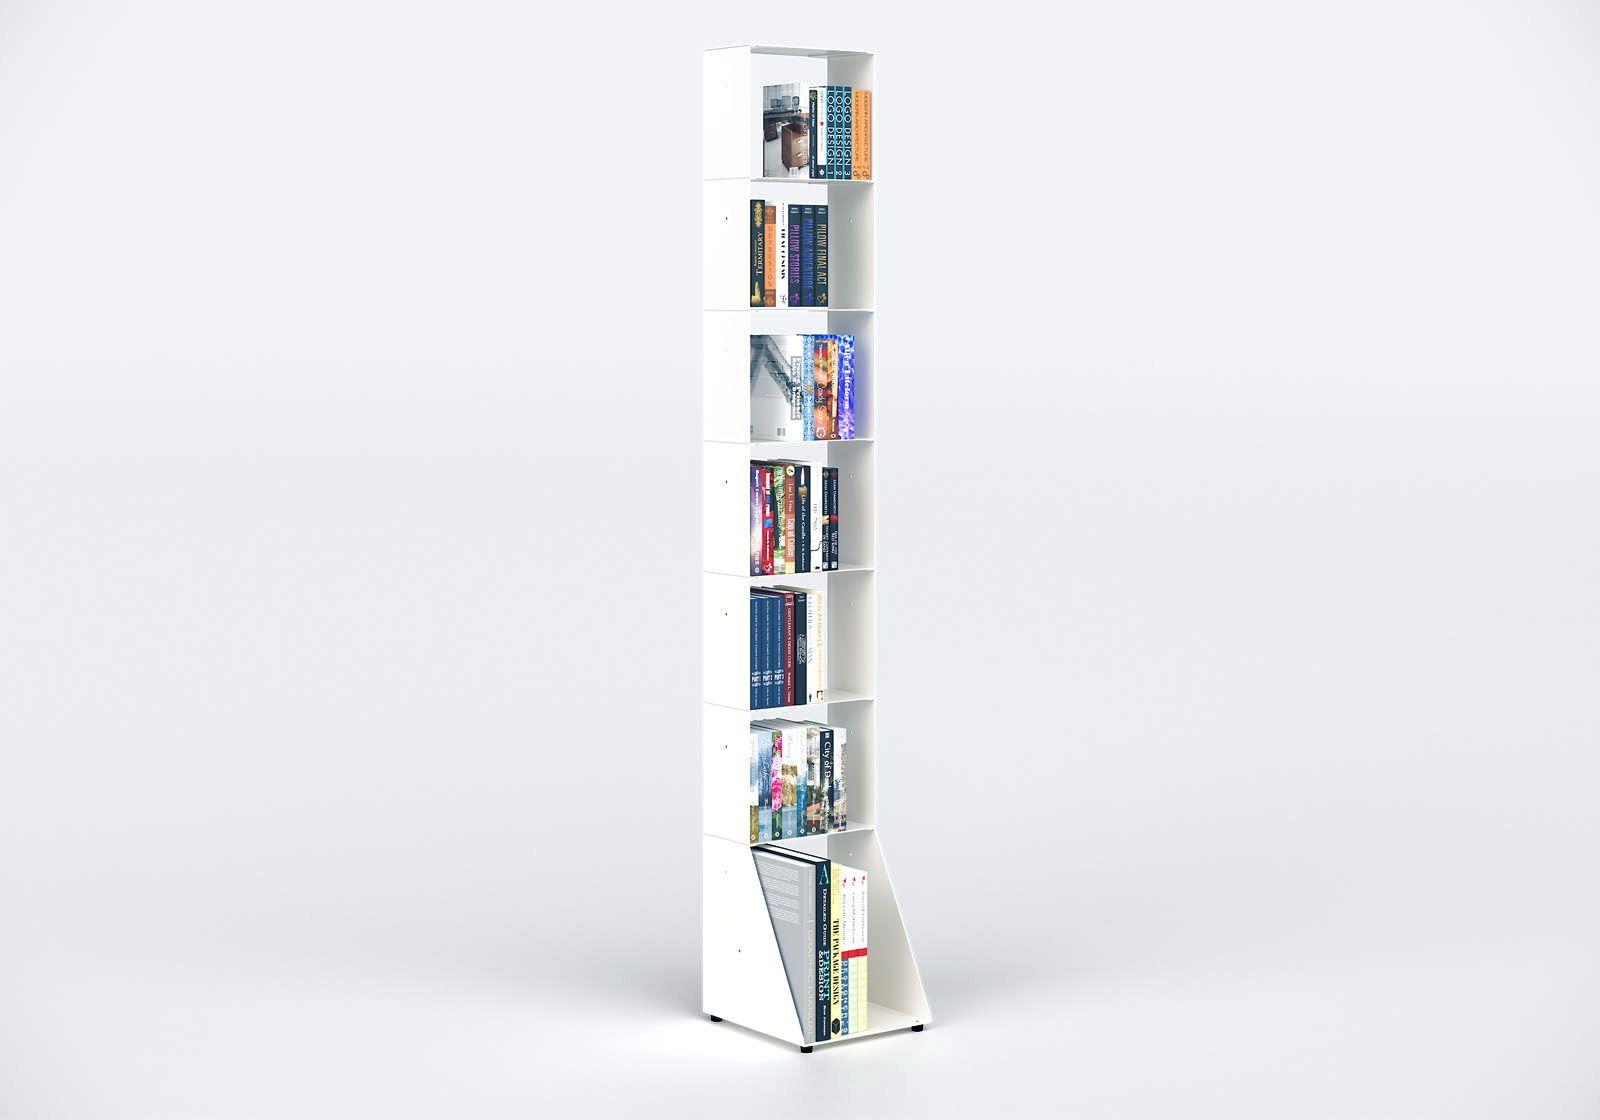 Narrow Bookcase W30 H185 D32 cm - 7 shelves